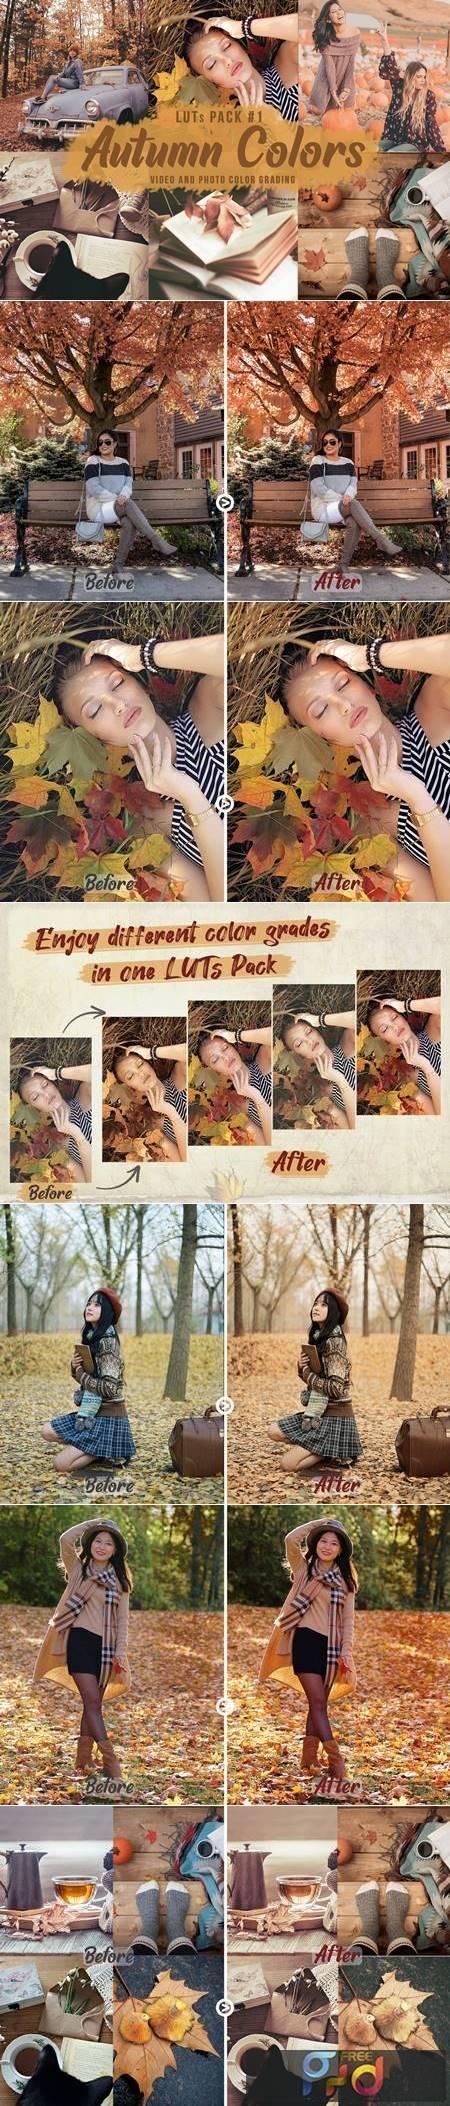 Autumn Colors - LUTs Pack 1 XGS5R9J 1